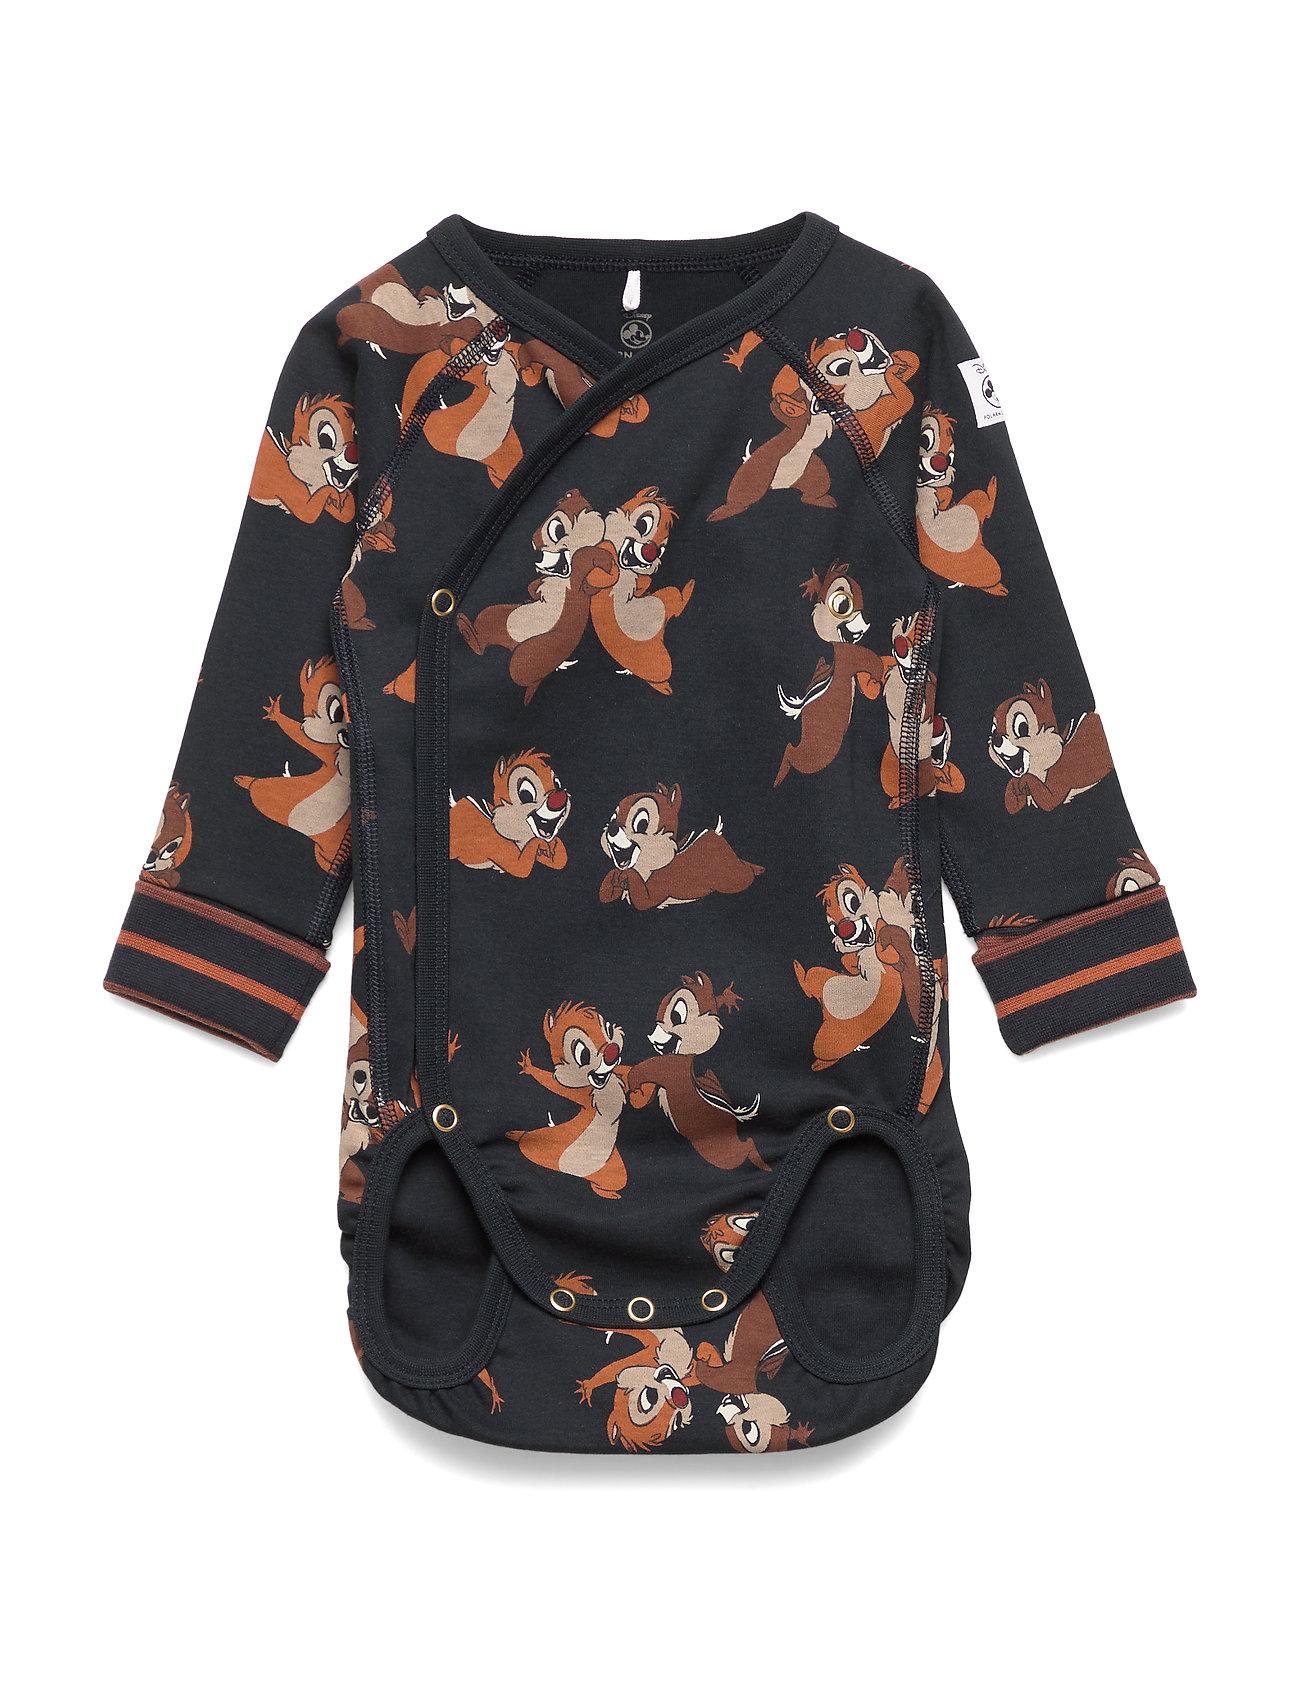 Polarn O. Pyret Disney Collection Body Wrapover AOP Baby - DARK SAPPHIRE